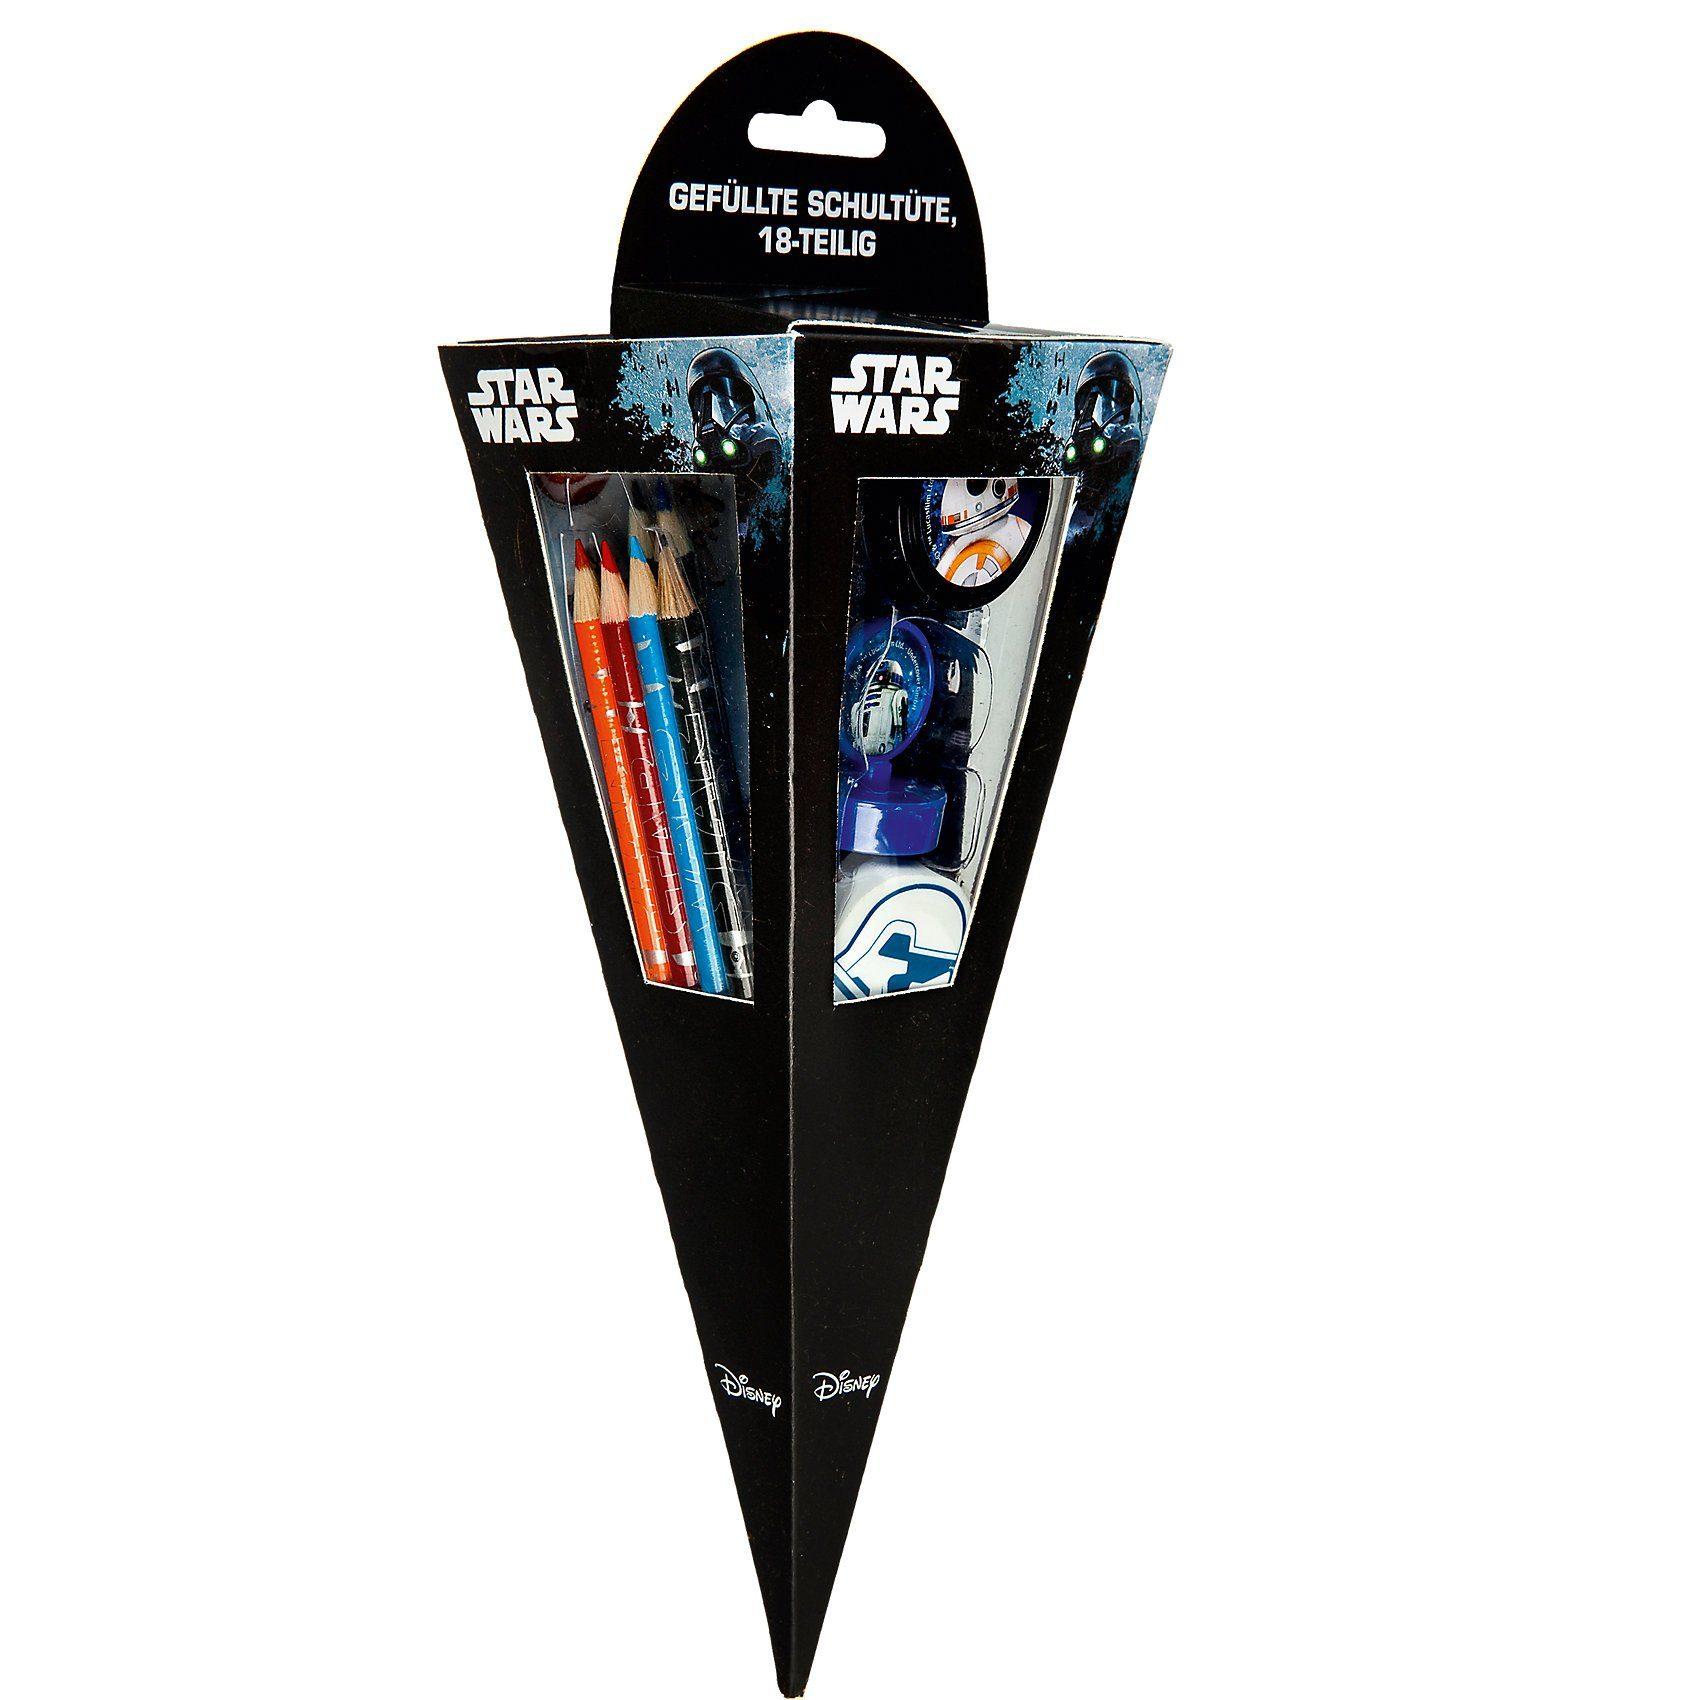 UNDERCOVER Mal- und Spaß-Schultüte Star Wars, 18-tlg.